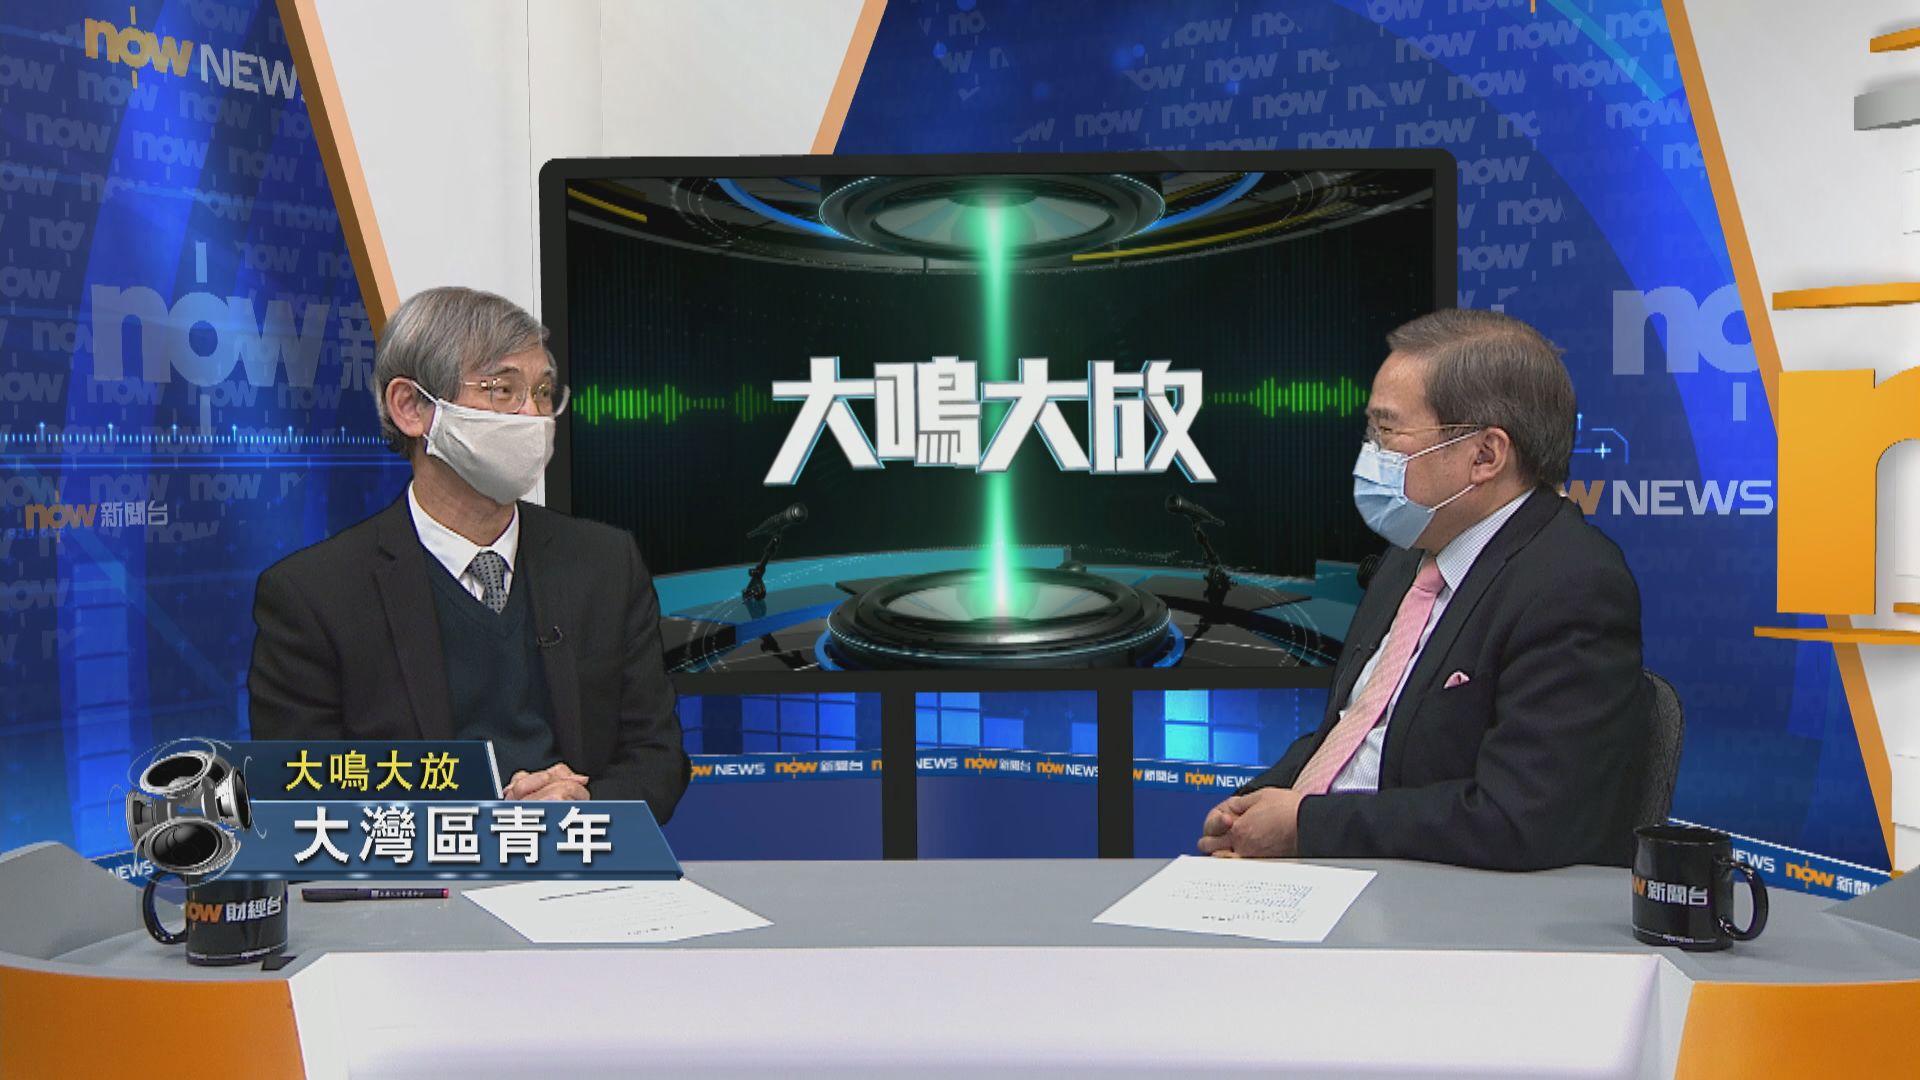 【大鳴大放】長者乘車優惠 大灣區青年(二)